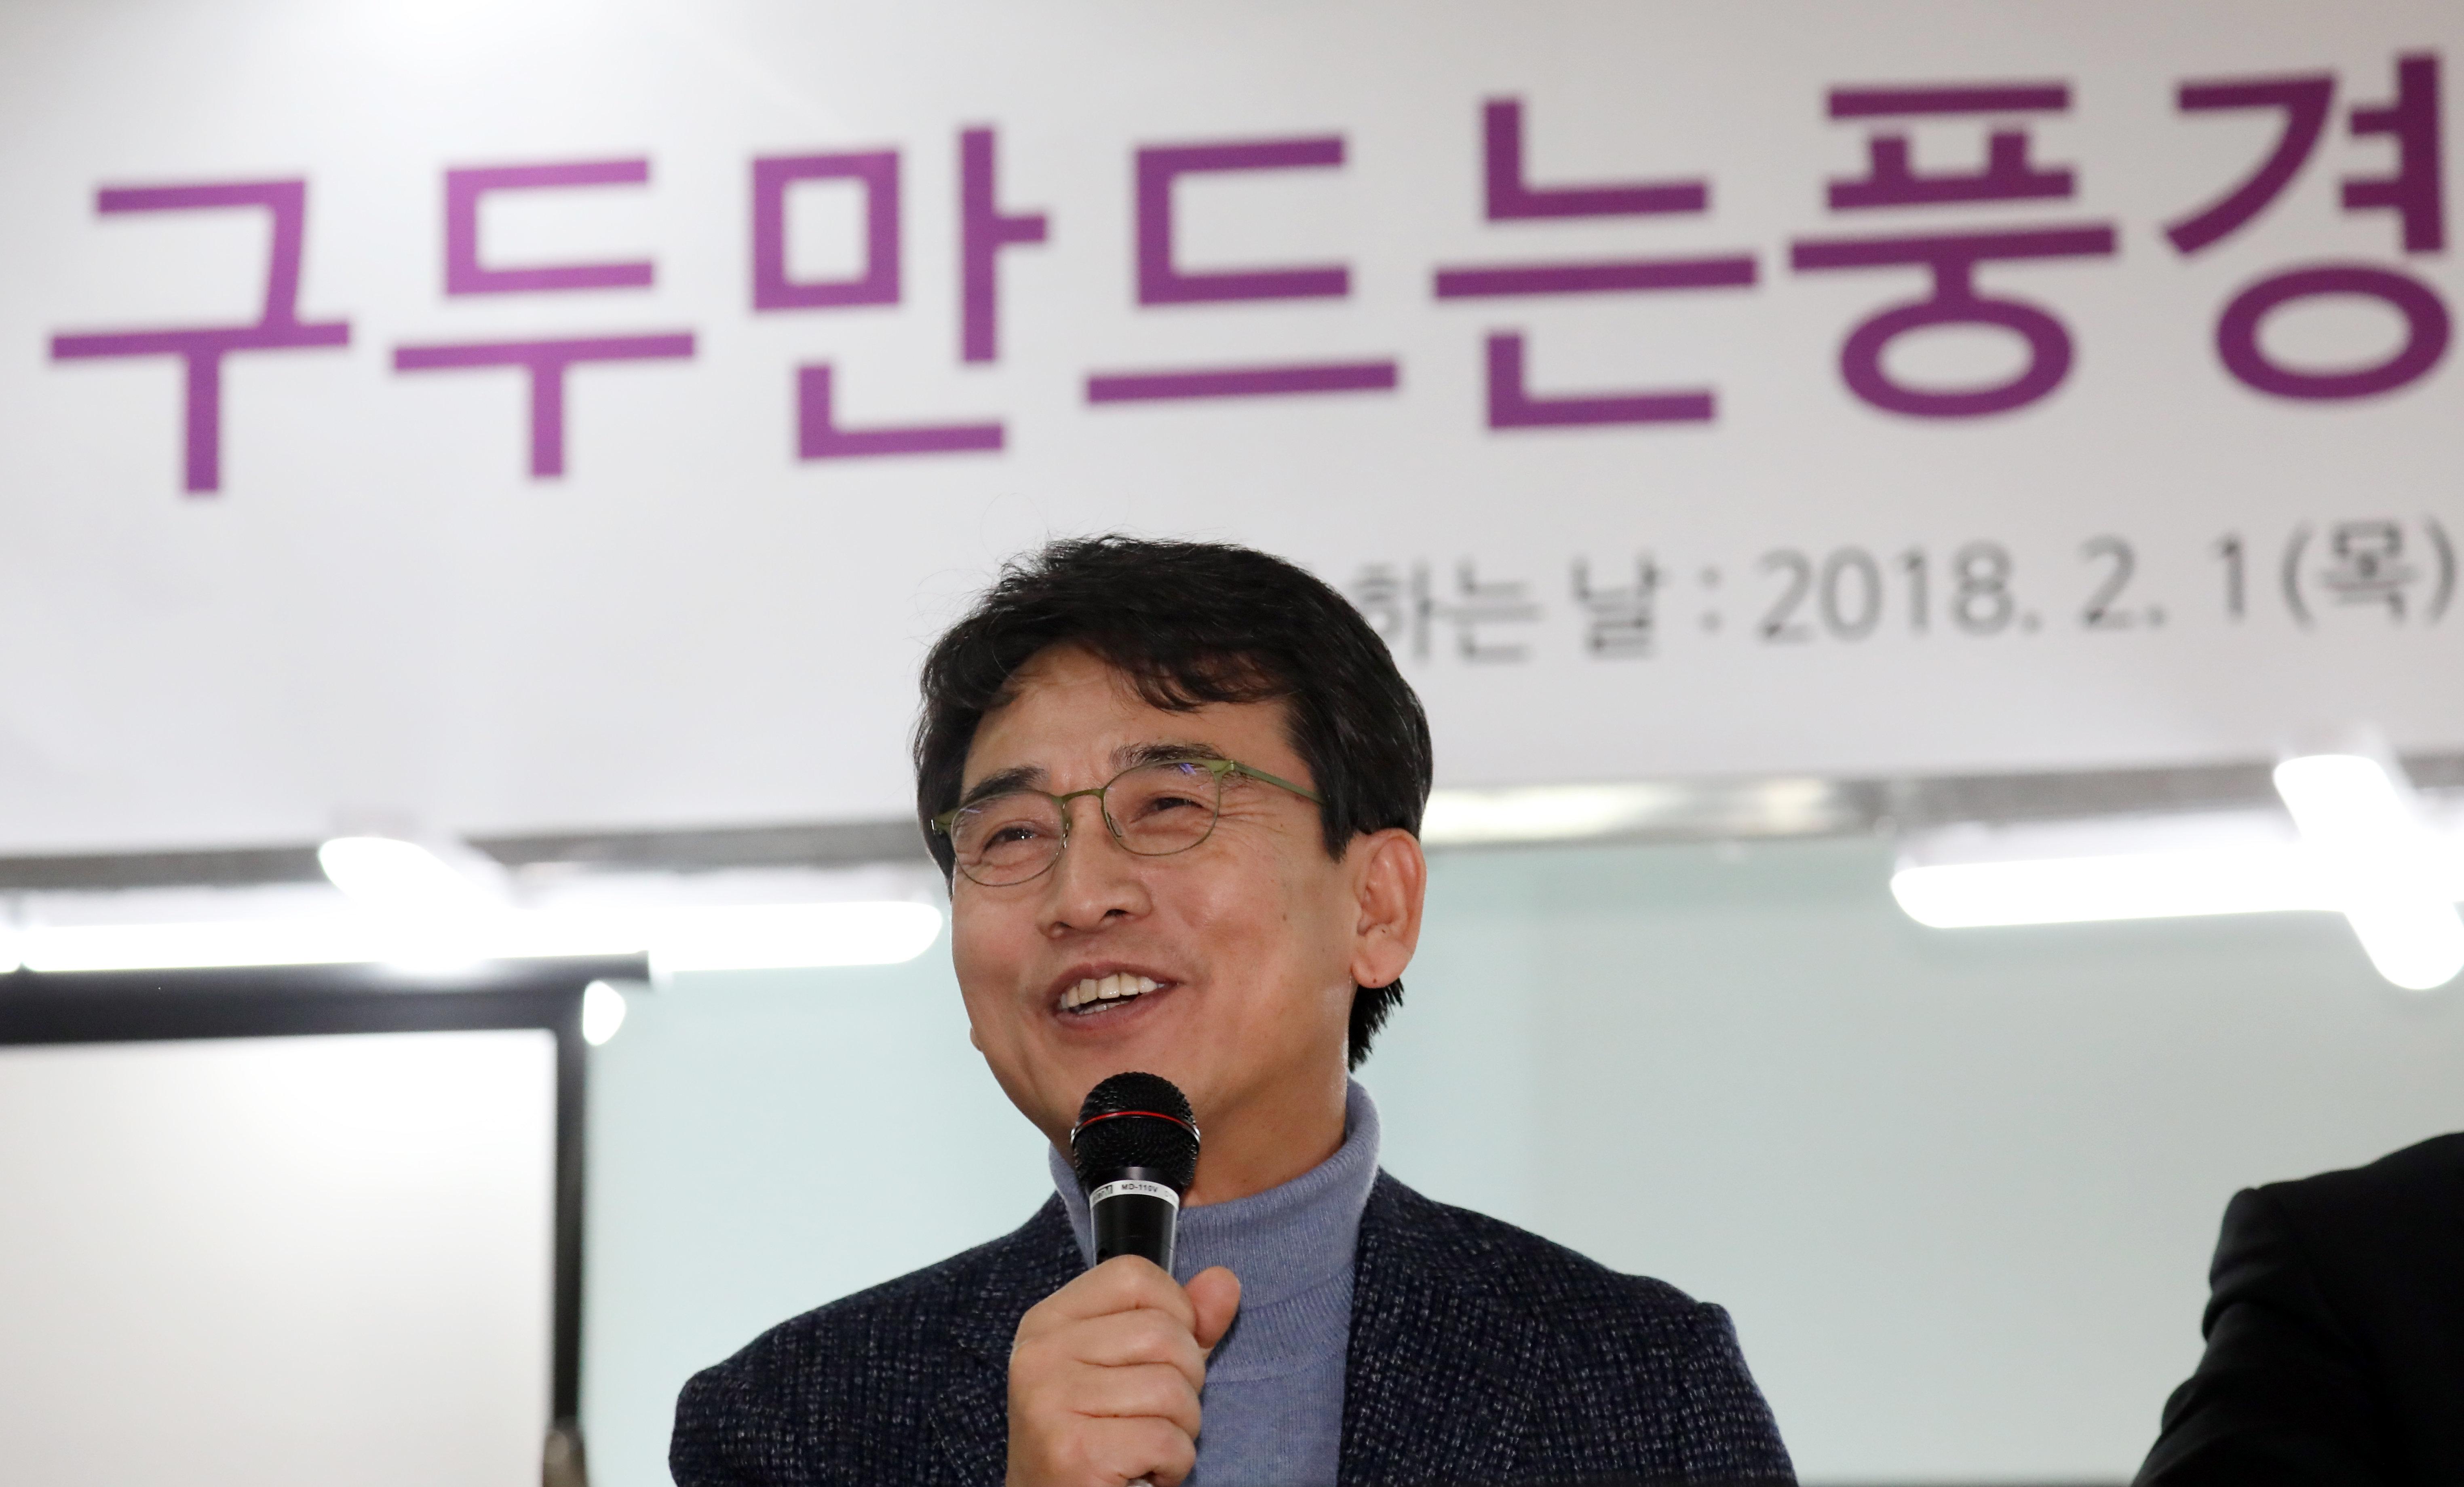 '썰전' 떠난 유시민이 밝힌 '강적들'과 '썰전'의 결정적